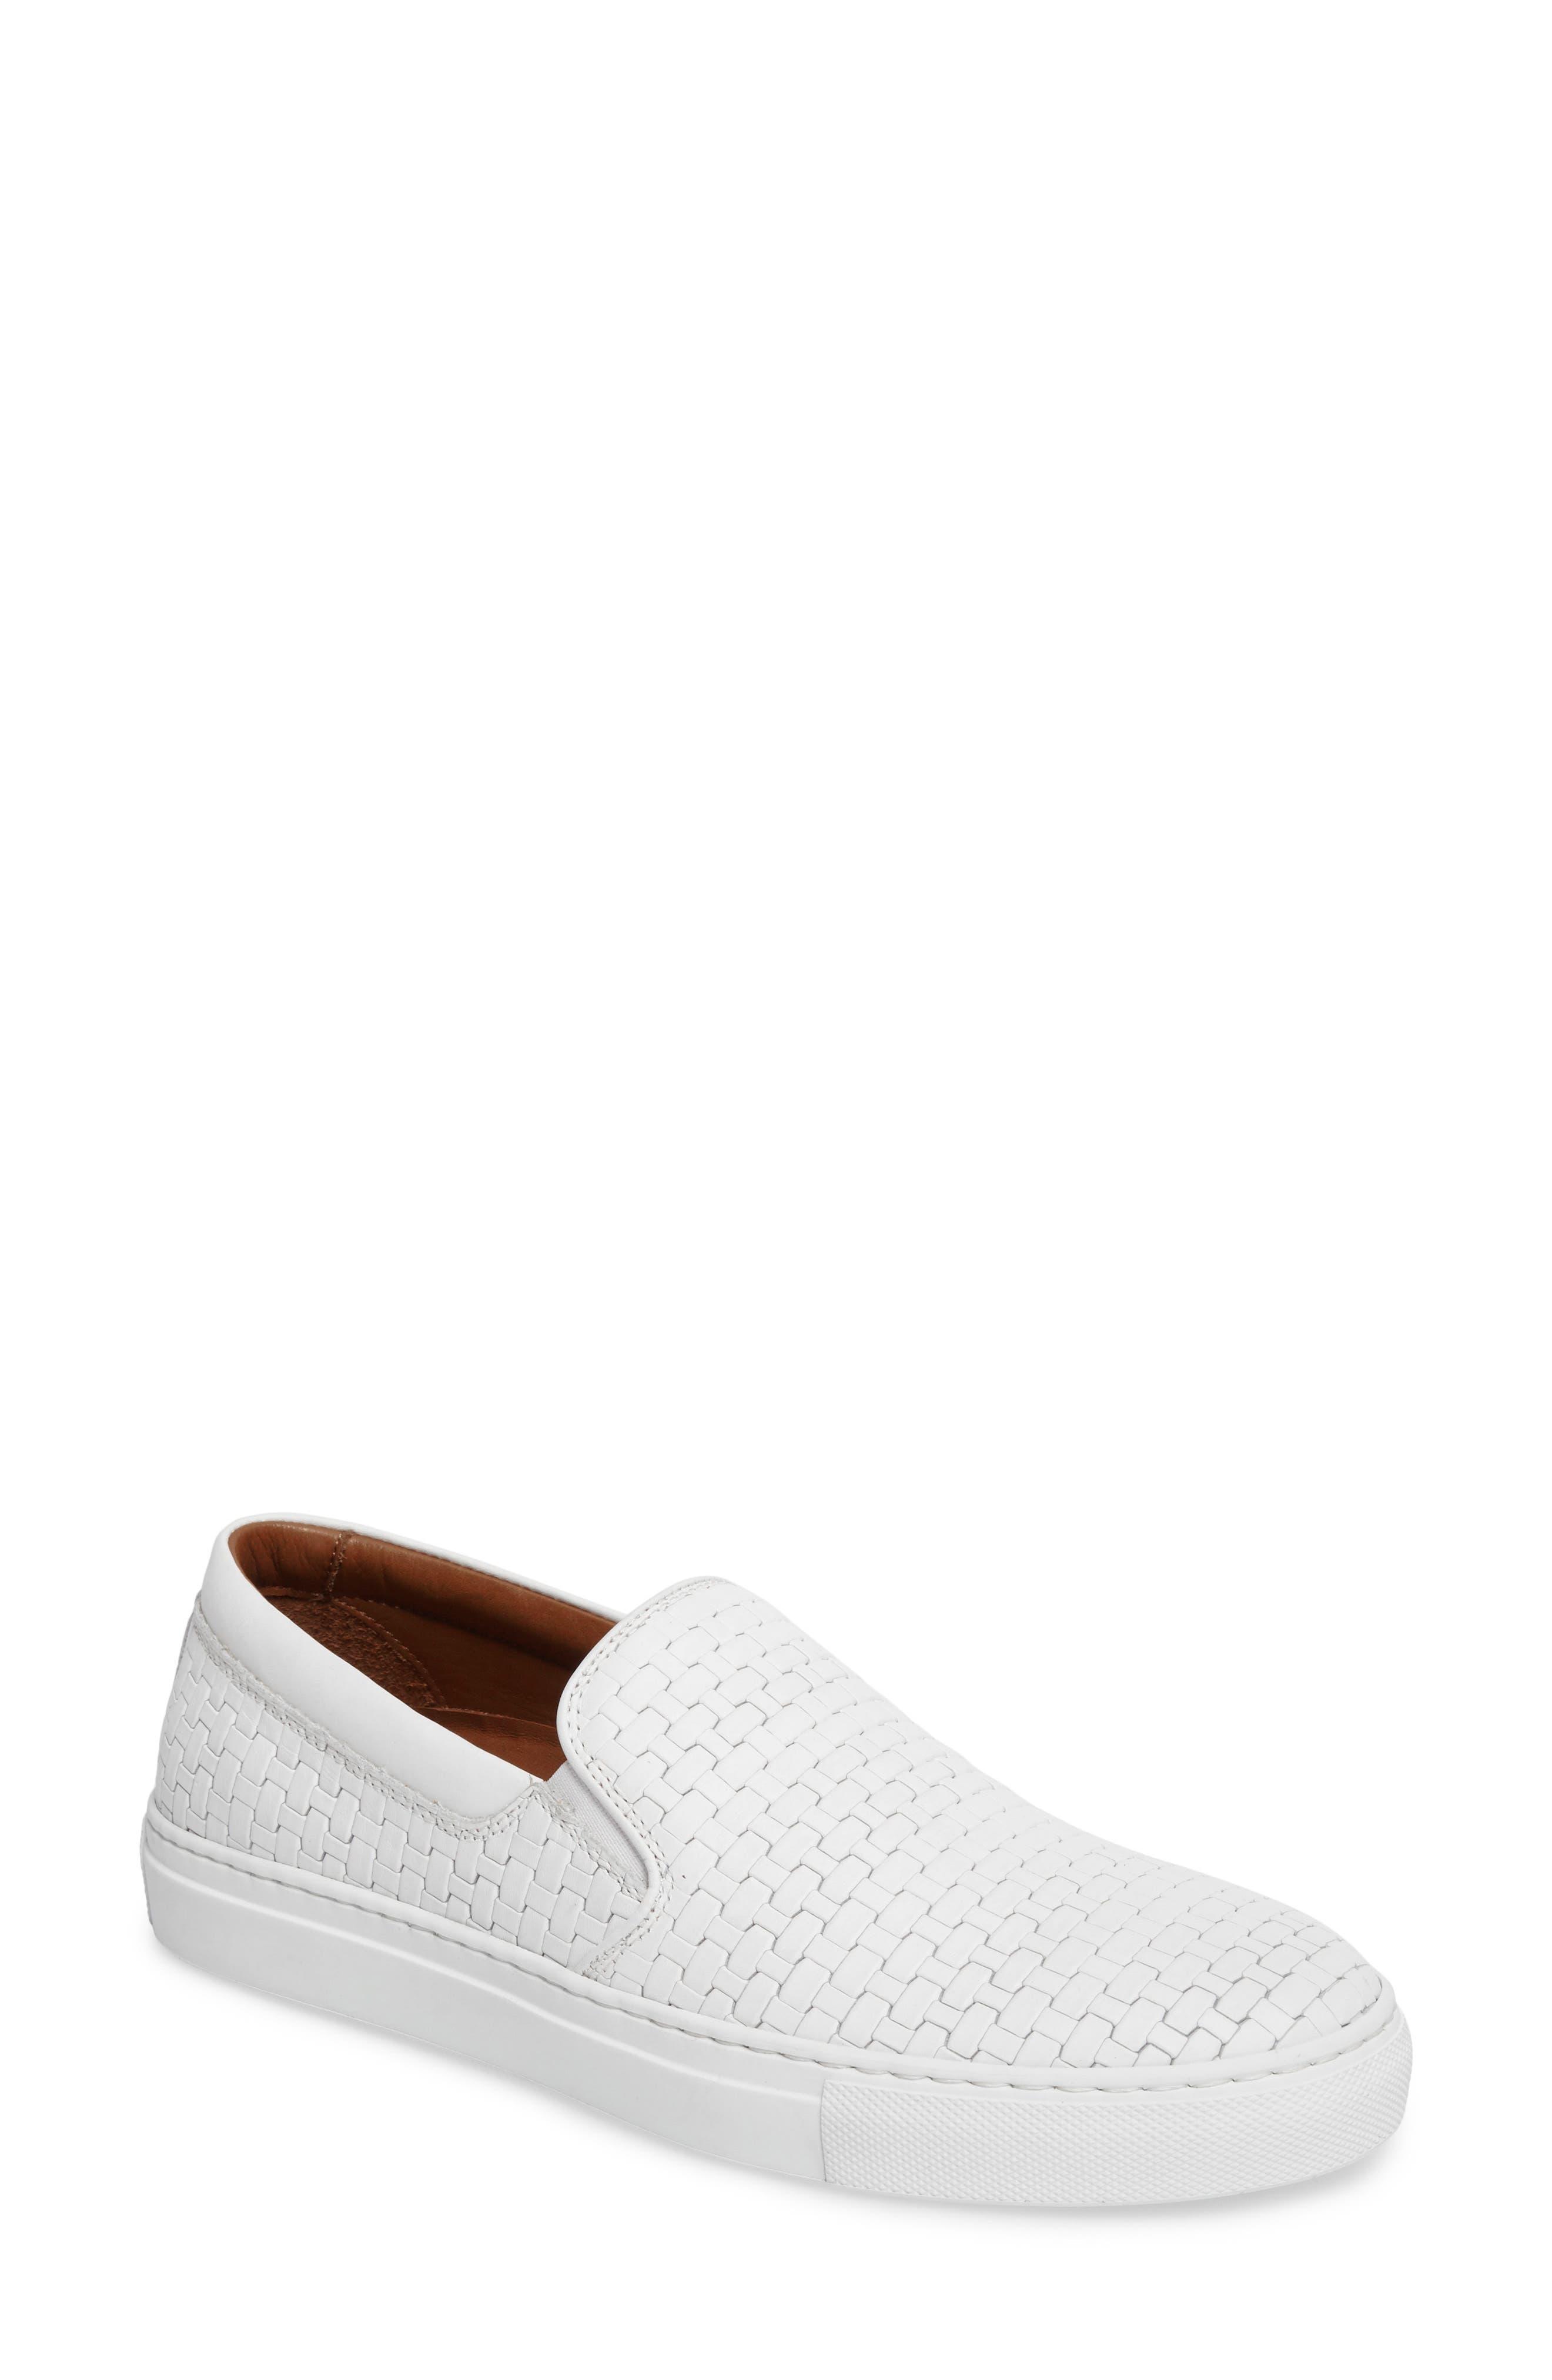 Ashlynn Embossed Slip-On Sneaker,                         Main,                         color, WHITE